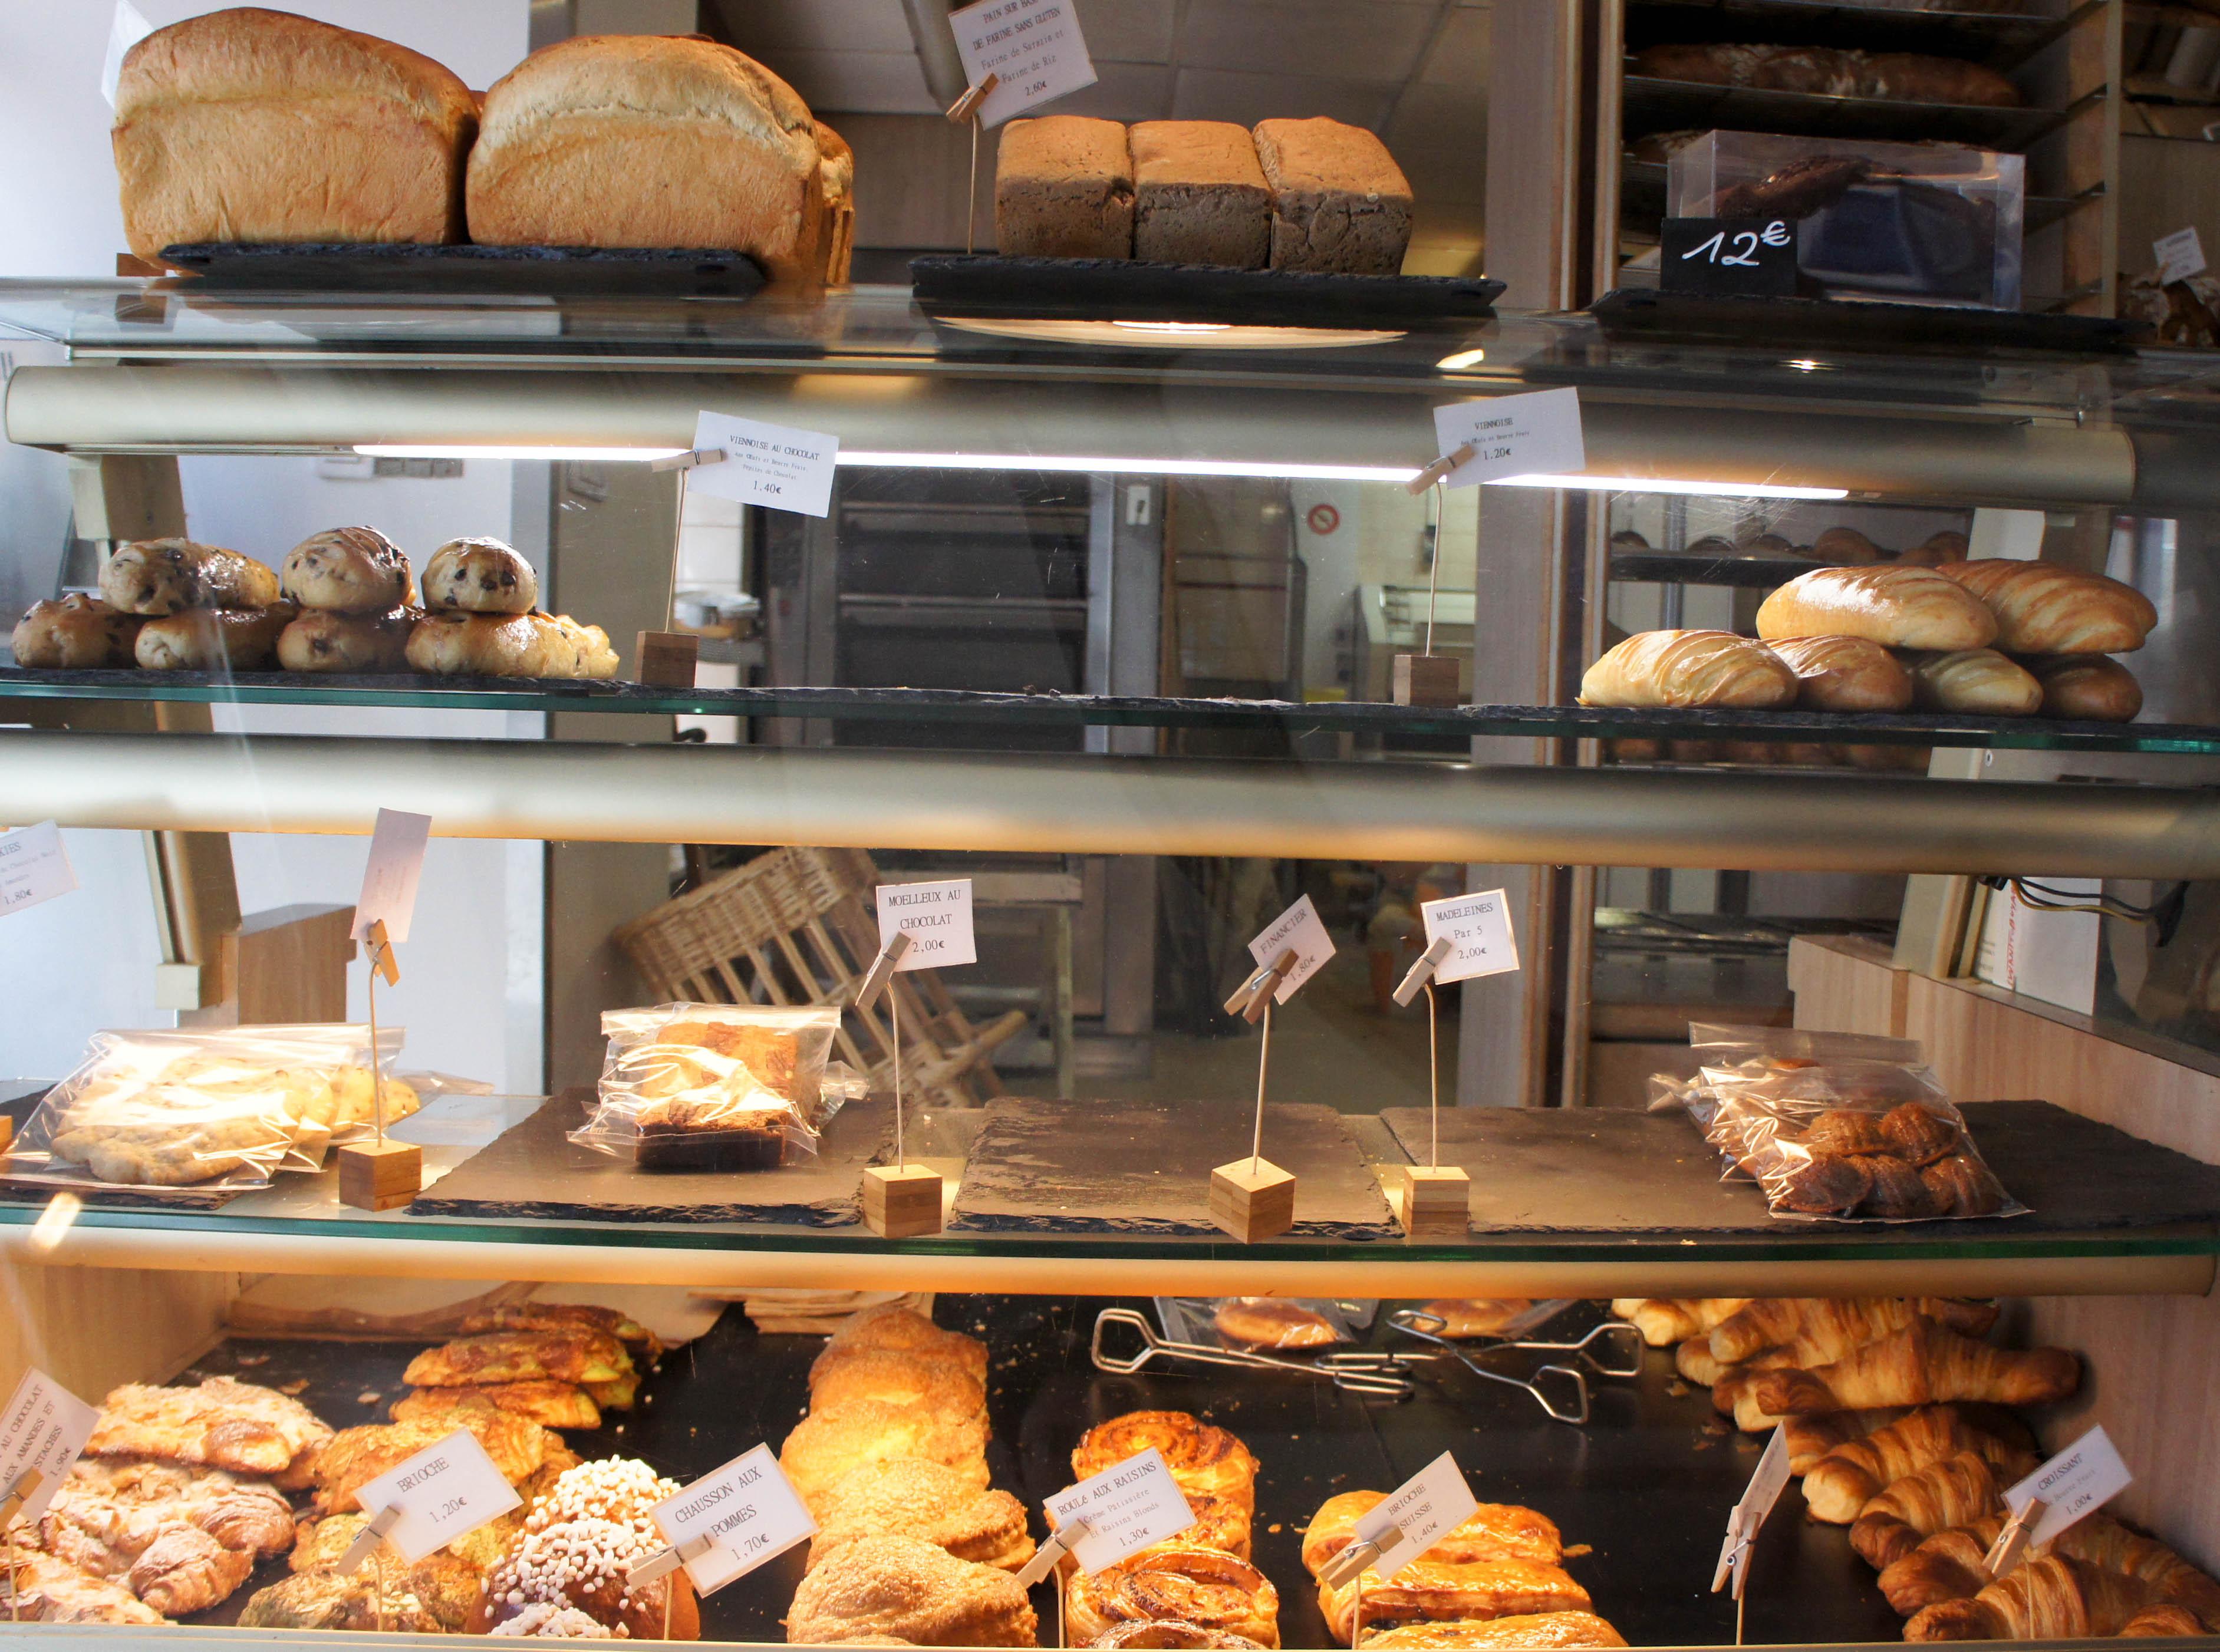 60e58c3ee644b6 Viennoiseries, Boulangerie Utopie, Paris 11è